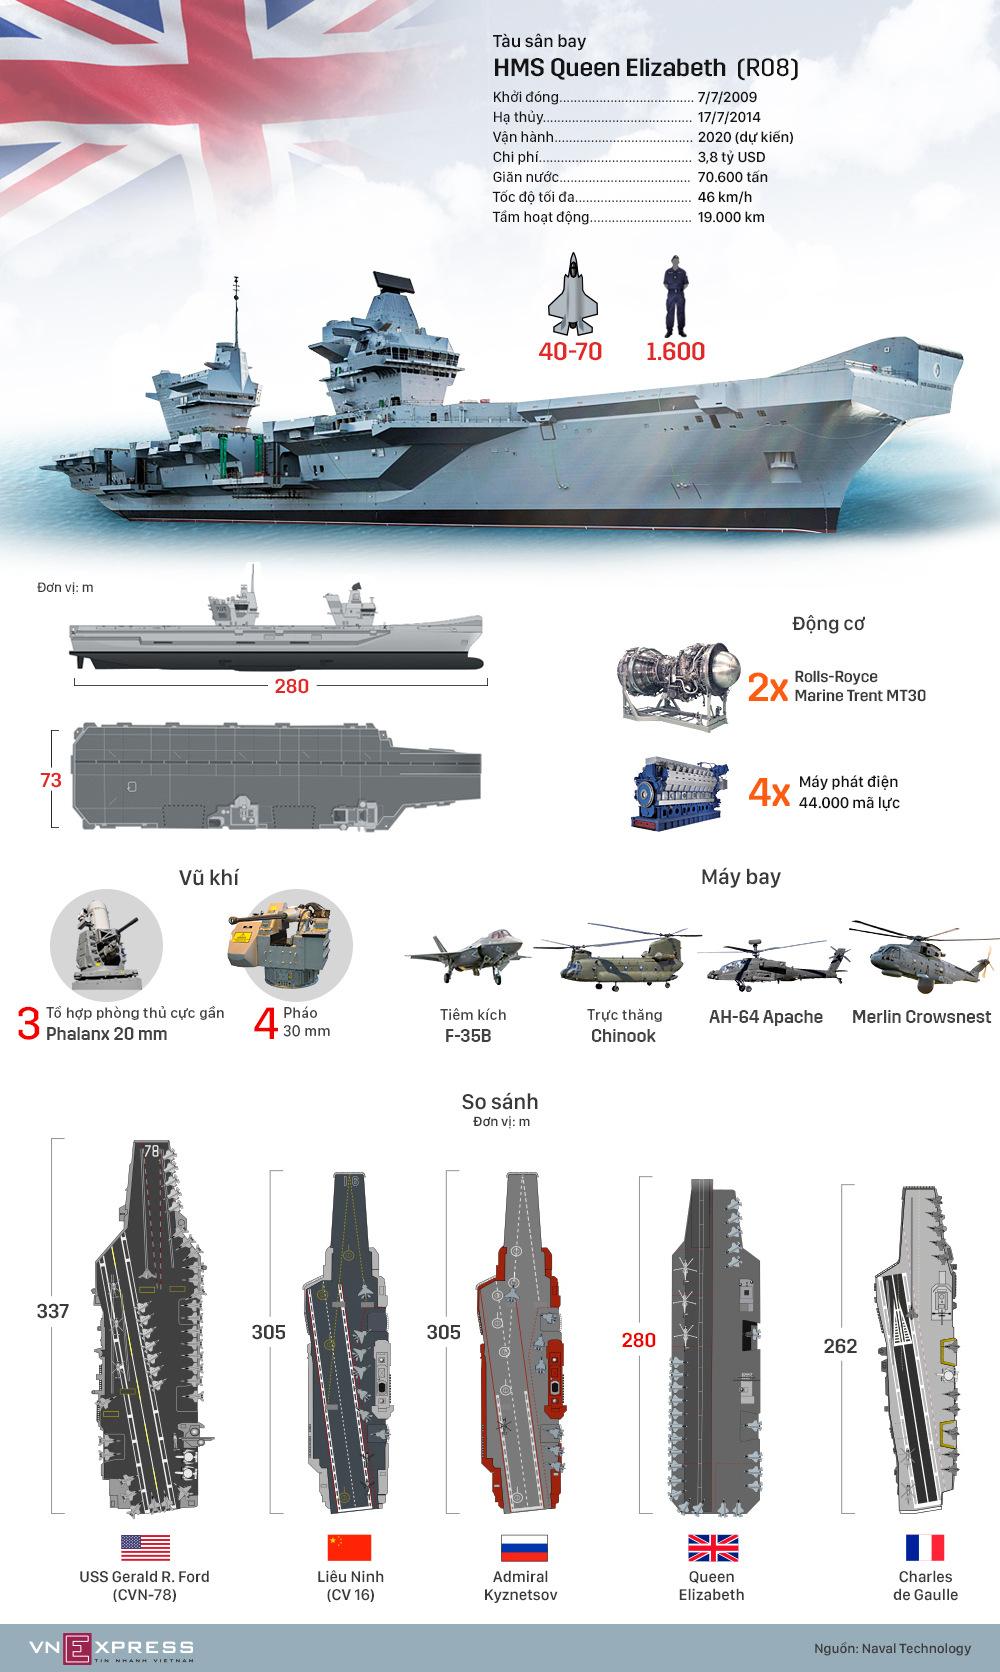 Hệ thống vũ khí trên tàu sân bay lớn nhất nước Anh